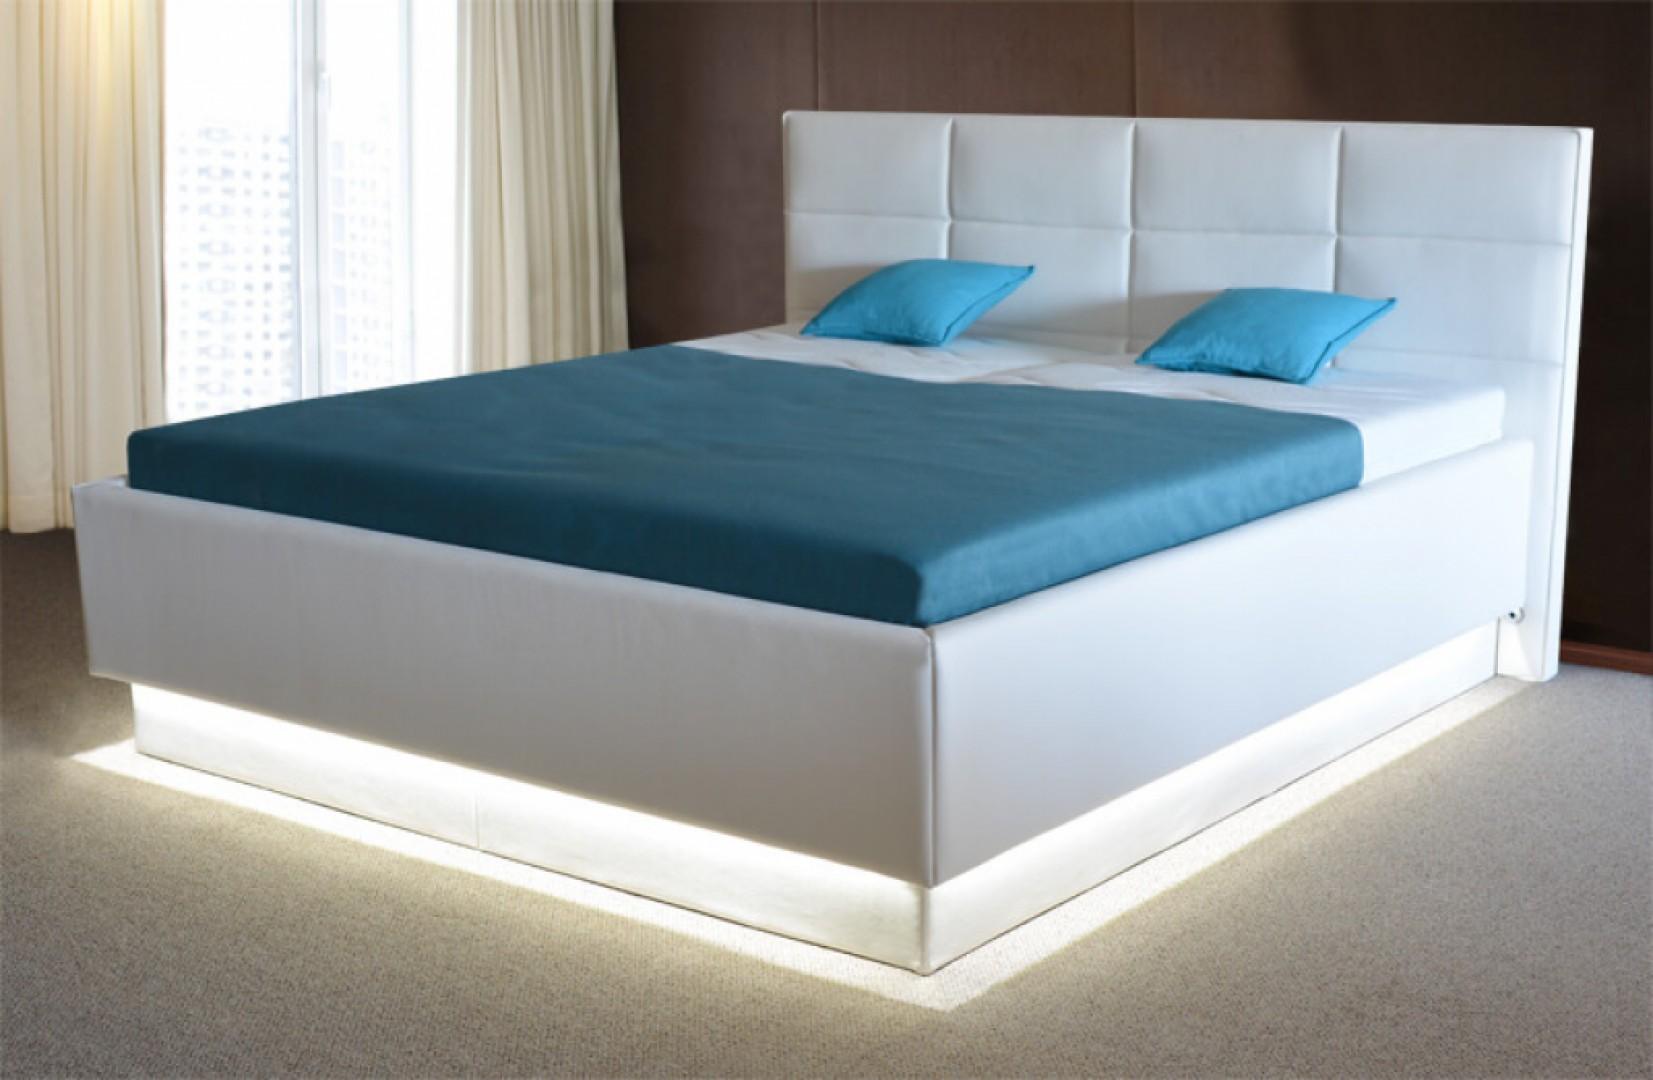 3a8ffe2cf1fe9 Luxusné manželské postele s úložným priestorom | sedacky-pohovky.sk